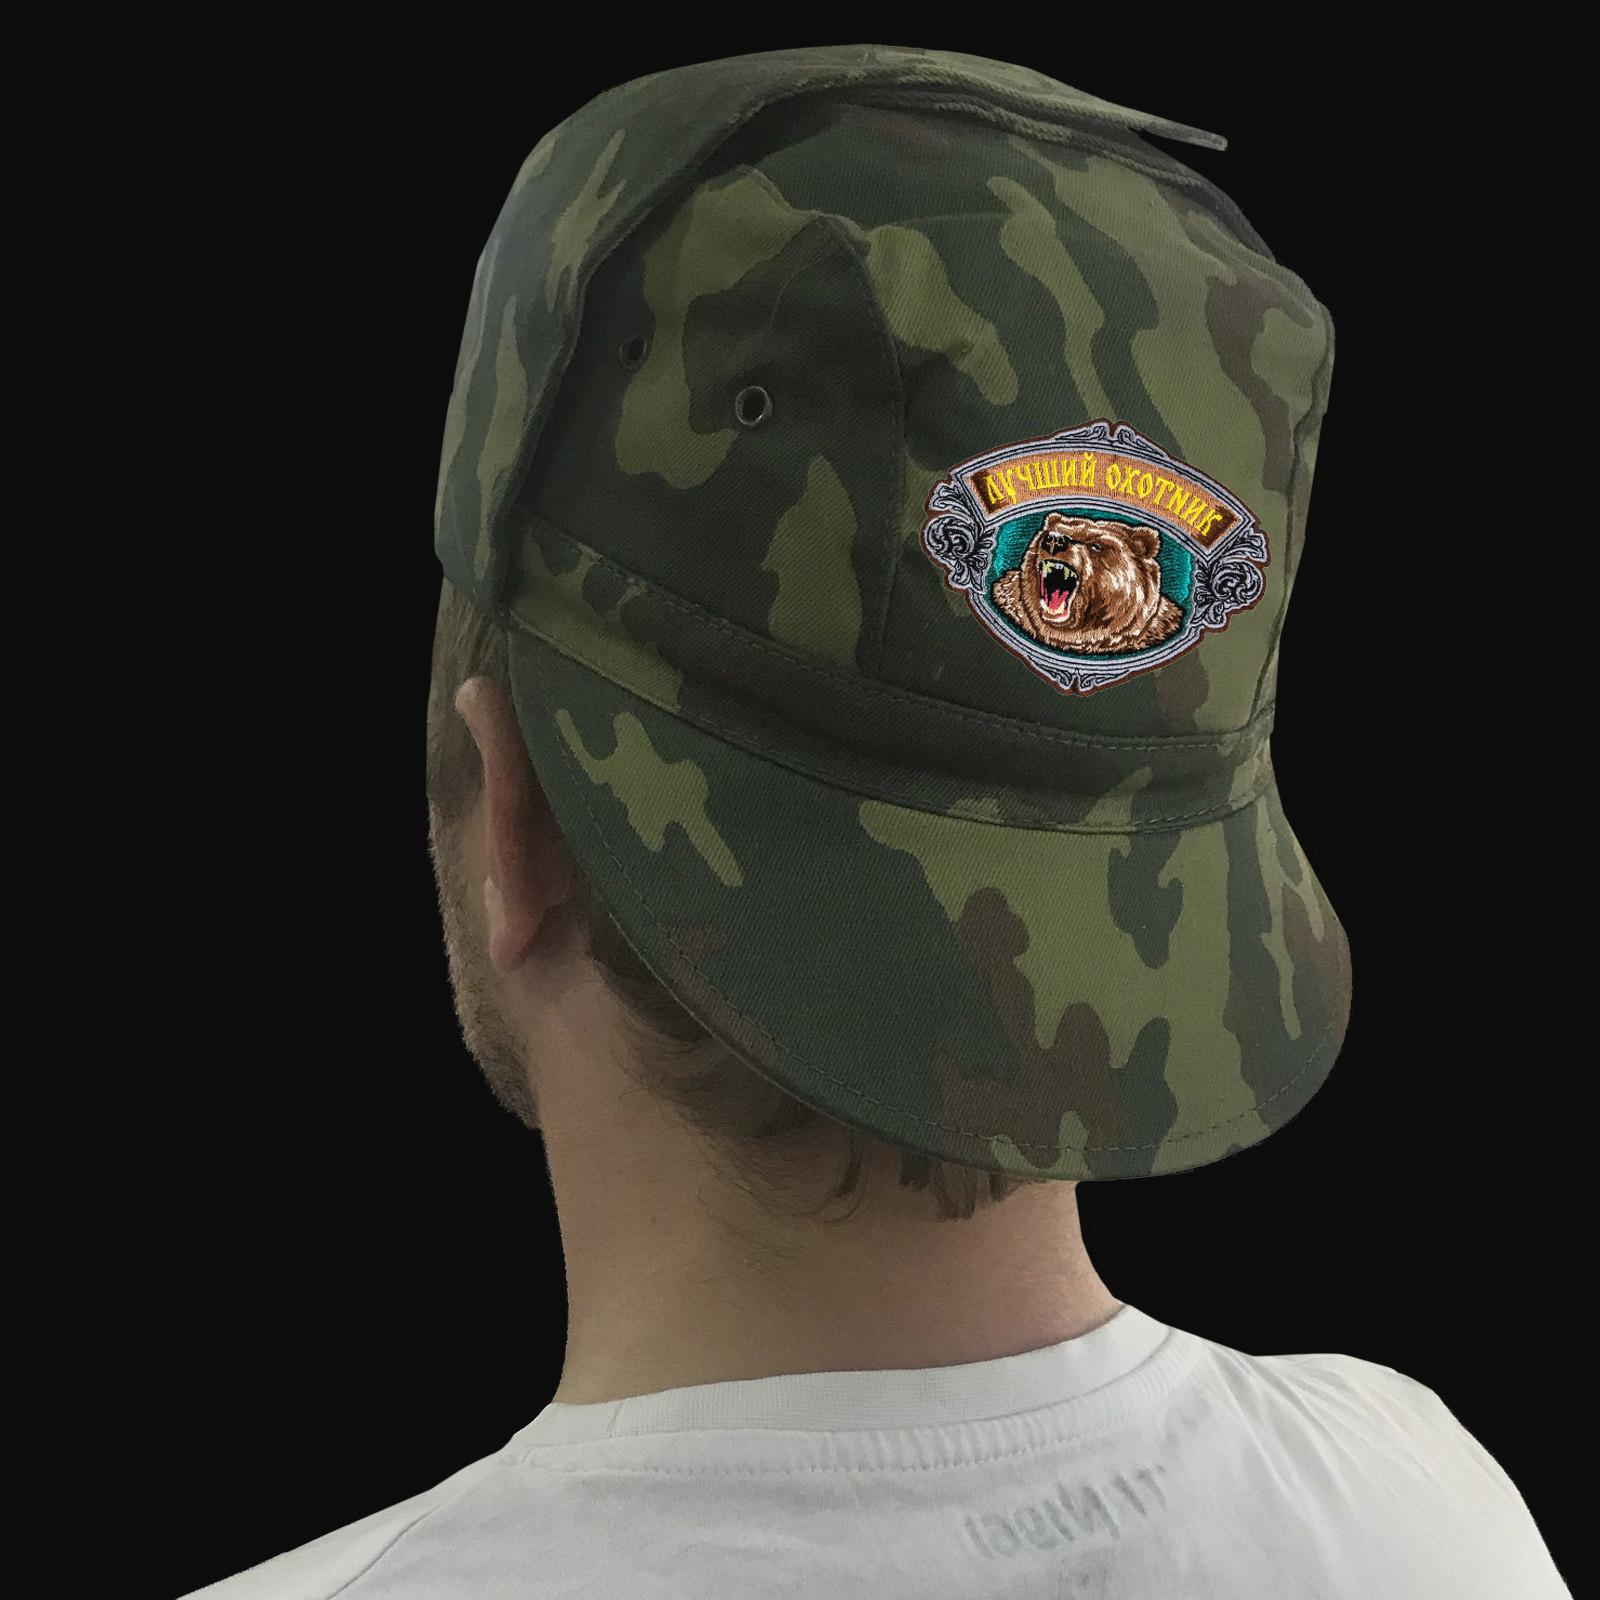 Охотничьи кепки и бейсболки в камуфляжном дизайне